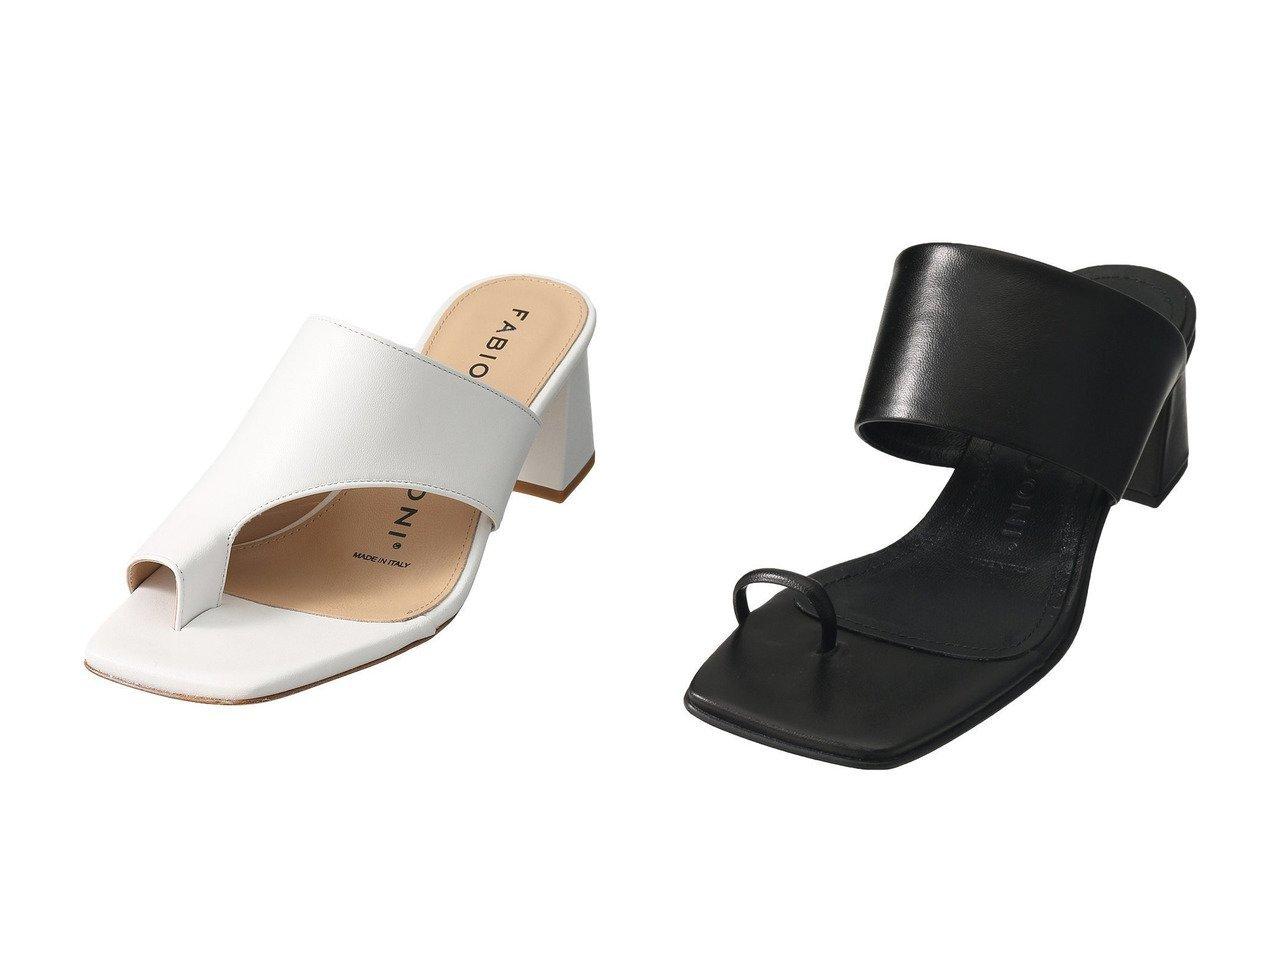 【MAISON SPECIAL/メゾンスペシャル】の【FABIO RUSCONI】VIRGI1276サンダル&【FABIO RUSCONI】TONG MULEサンダル シューズ・靴のおすすめ!人気、トレンド・レディースファッションの通販 おすすめで人気の流行・トレンド、ファッションの通販商品 メンズファッション・キッズファッション・インテリア・家具・レディースファッション・服の通販 founy(ファニー) https://founy.com/ ファッション Fashion レディースファッション WOMEN 2021年 2021 2021 春夏 S/S SS Spring/Summer 2021 S/S 春夏 SS Spring/Summer サンダル ヌーディ 春 Spring |ID:crp329100000024754